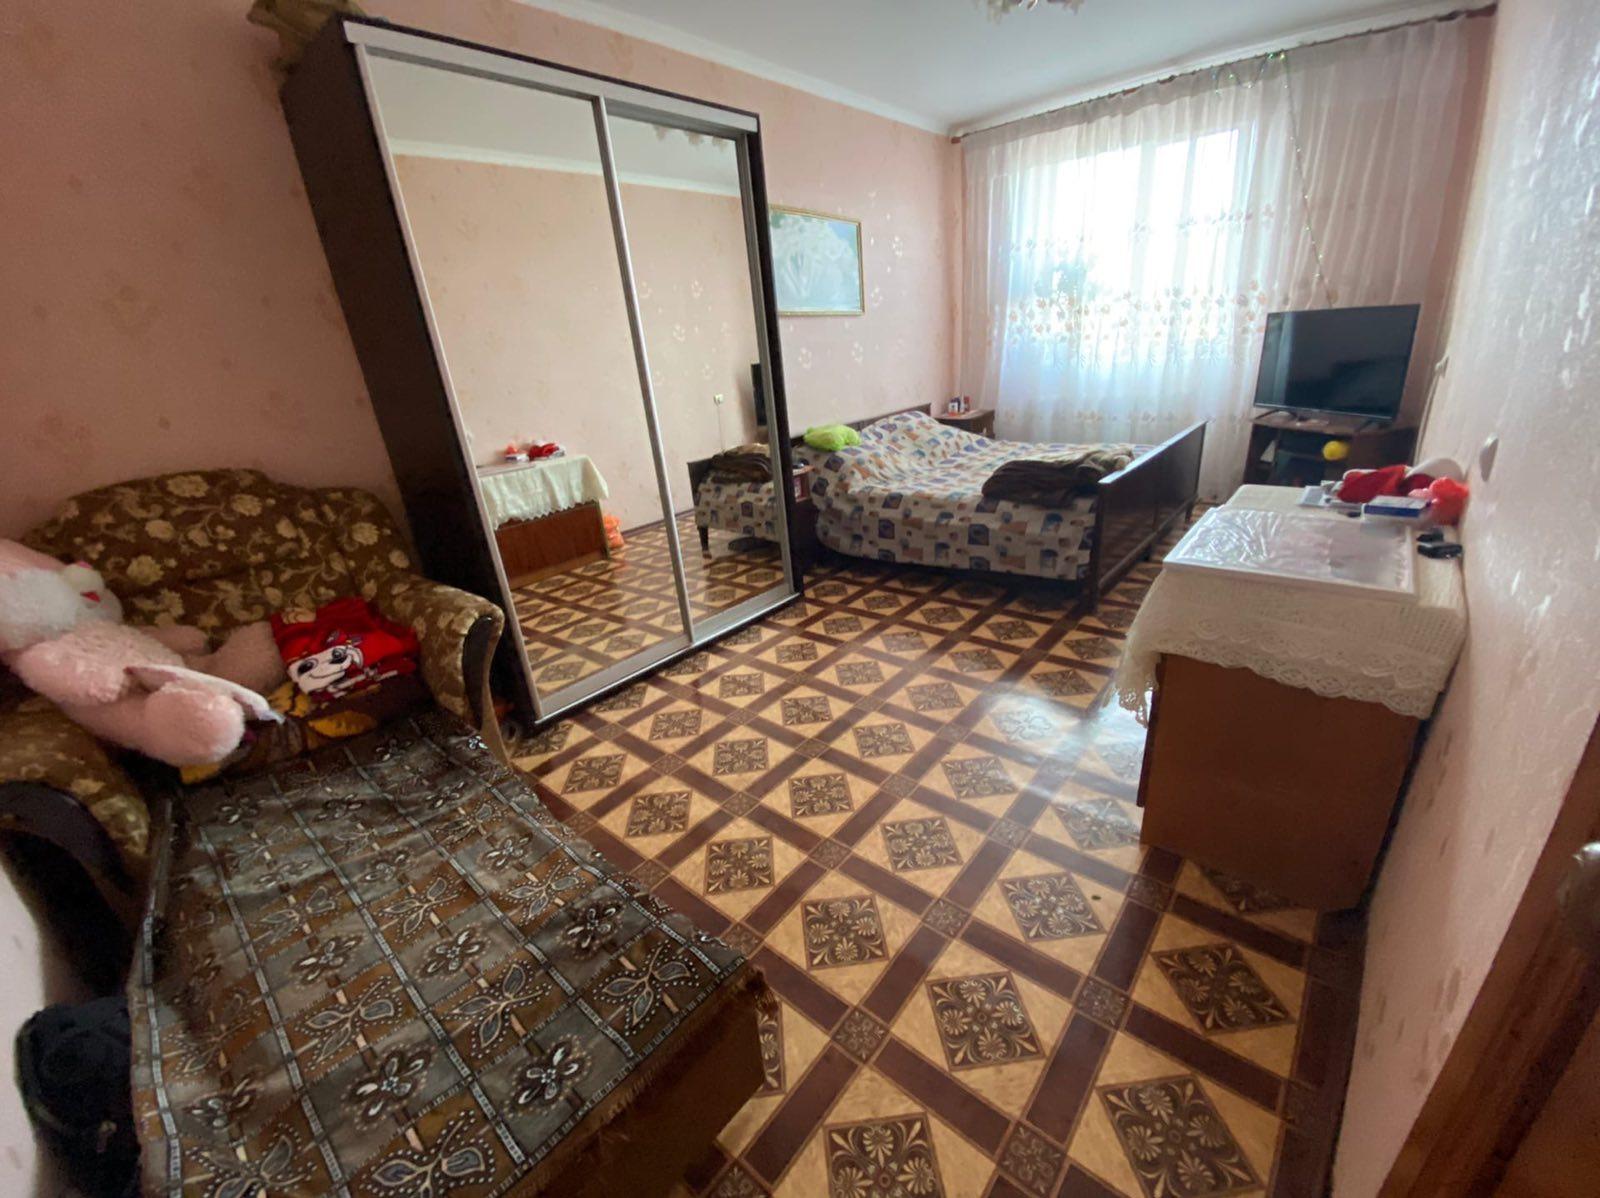 Продаётся 3 комнатная квартира, р-н. Слободки, по ул.Перекопская.